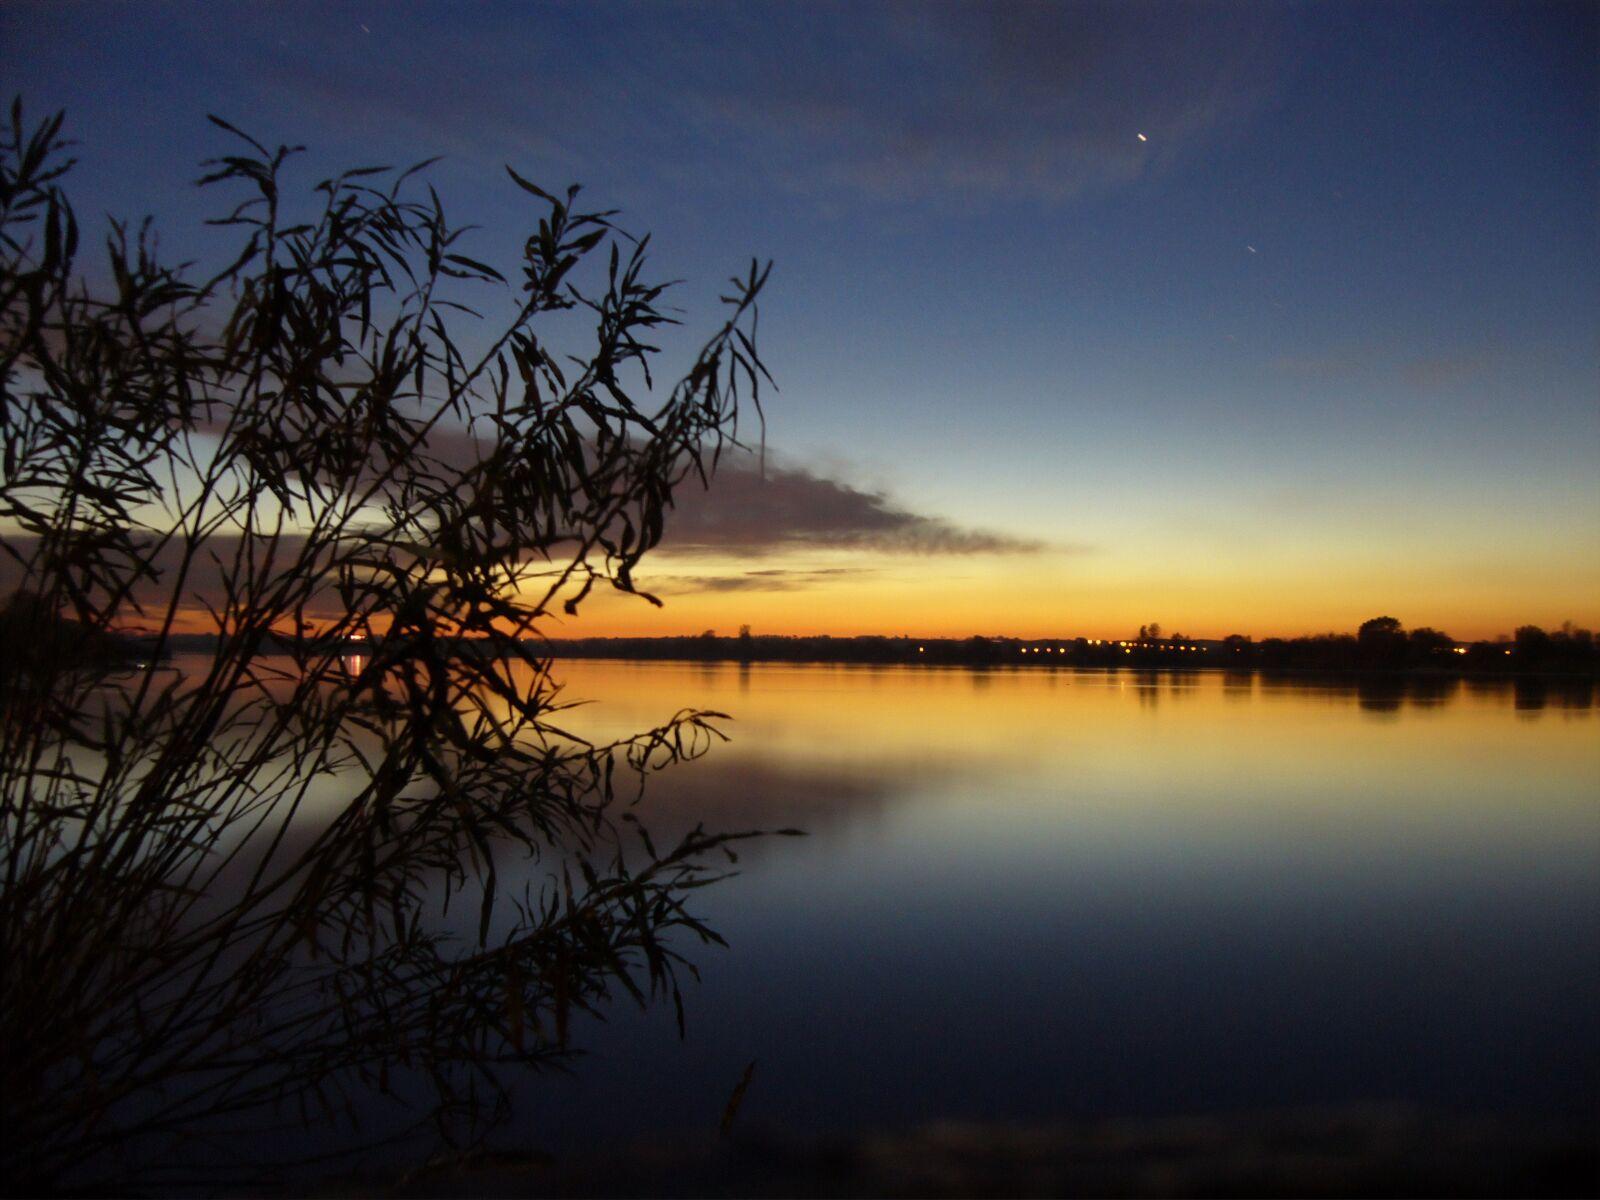 poland, river, landscape